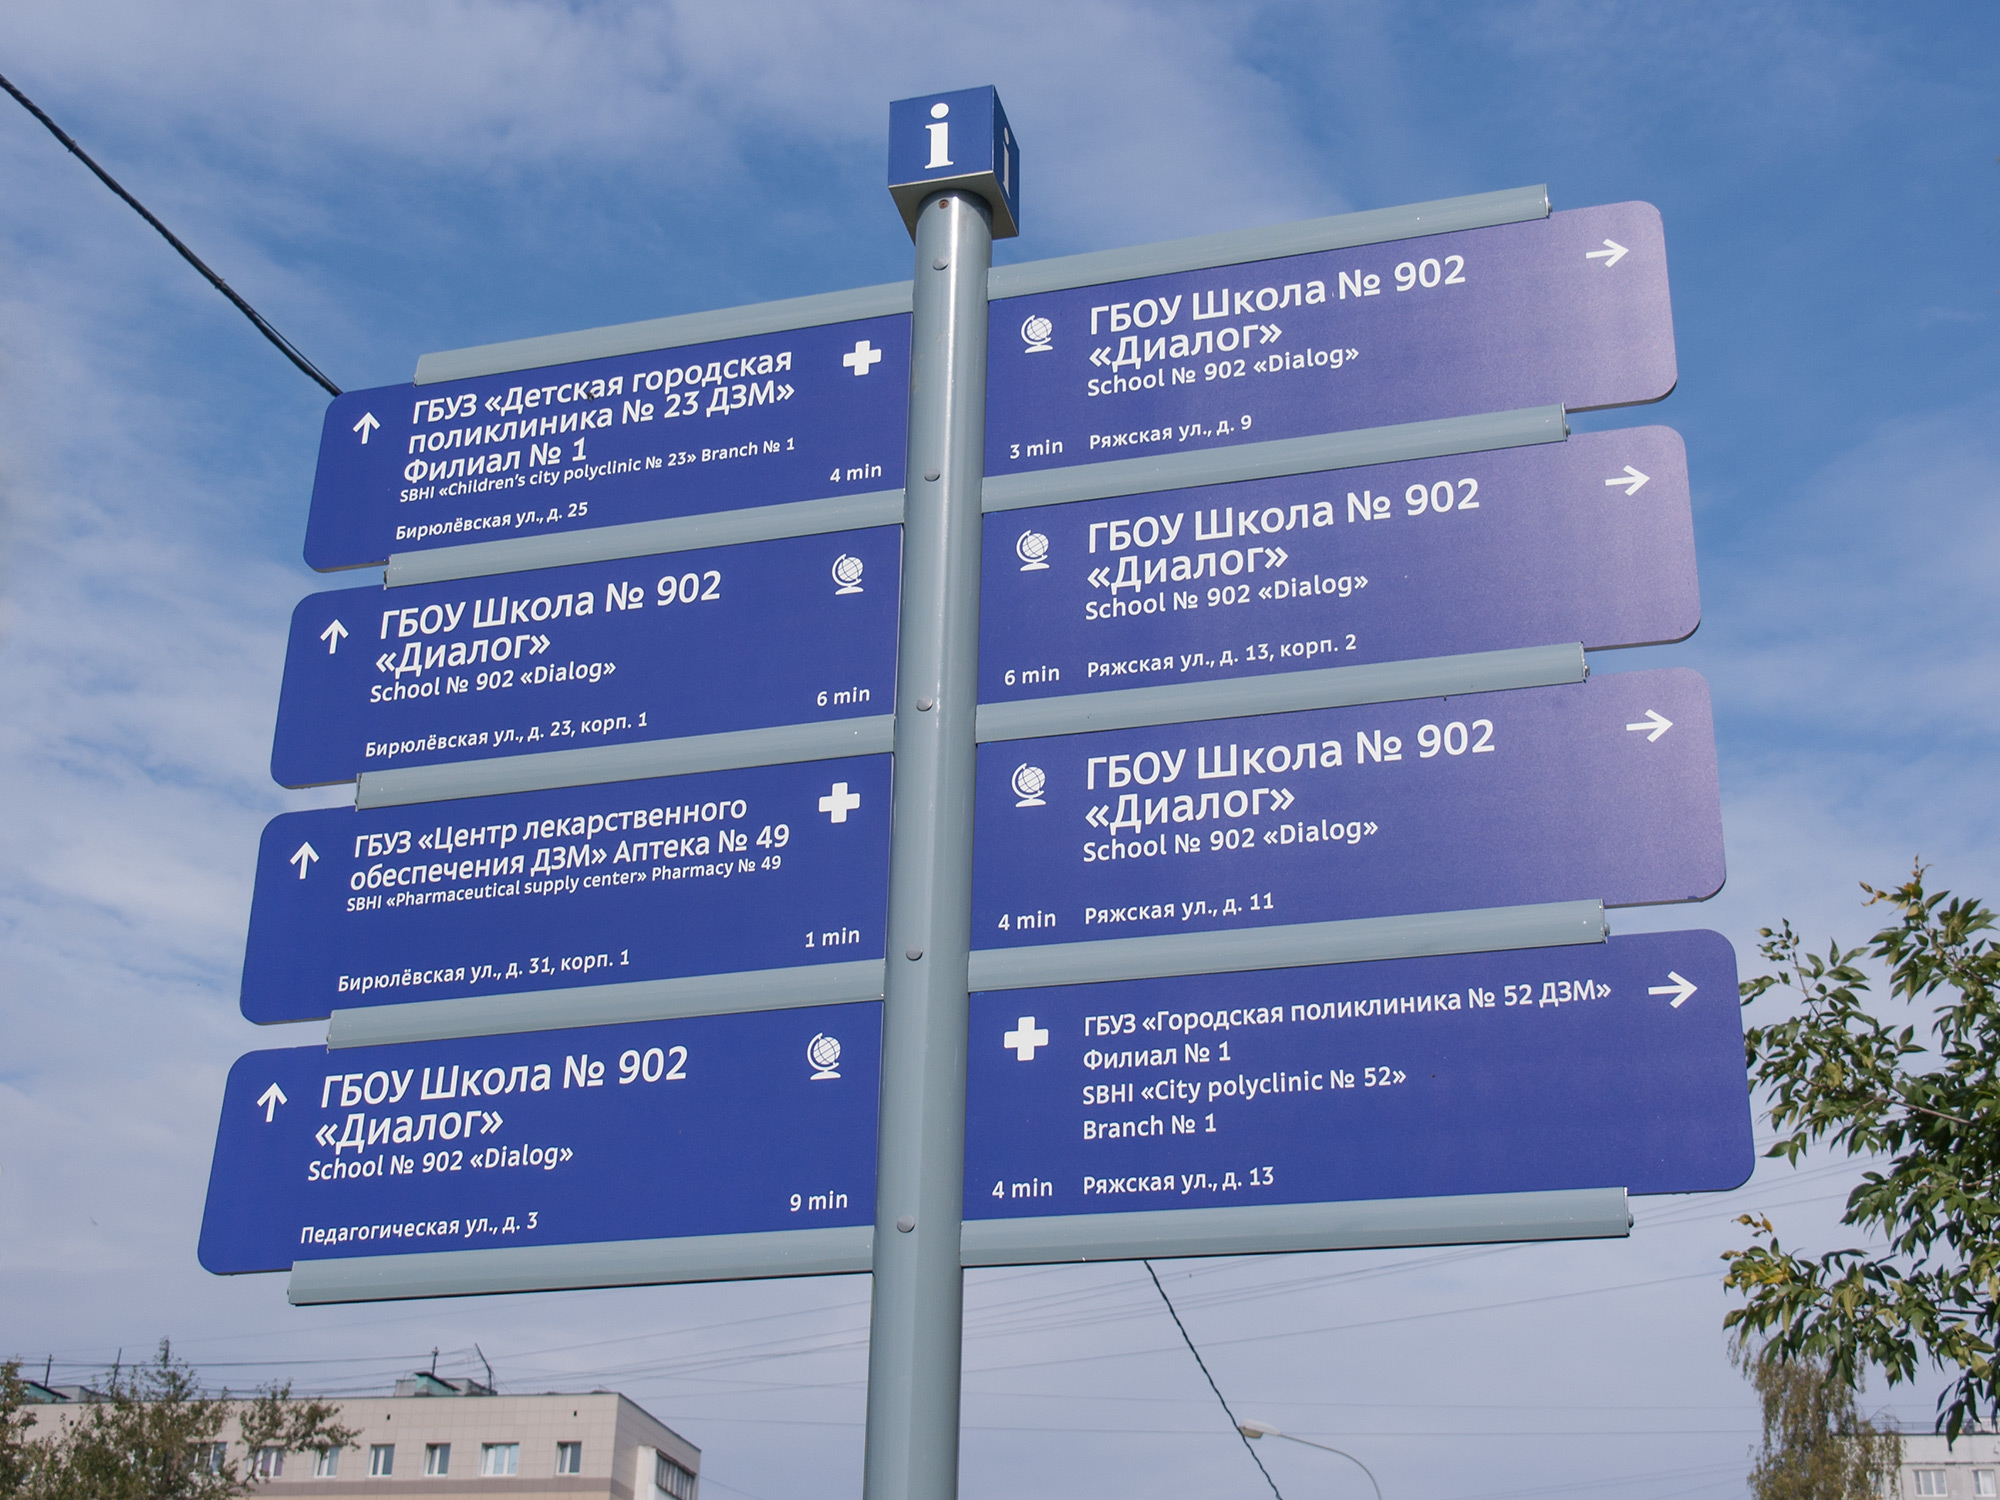 Городские навигационные указатели в Москве